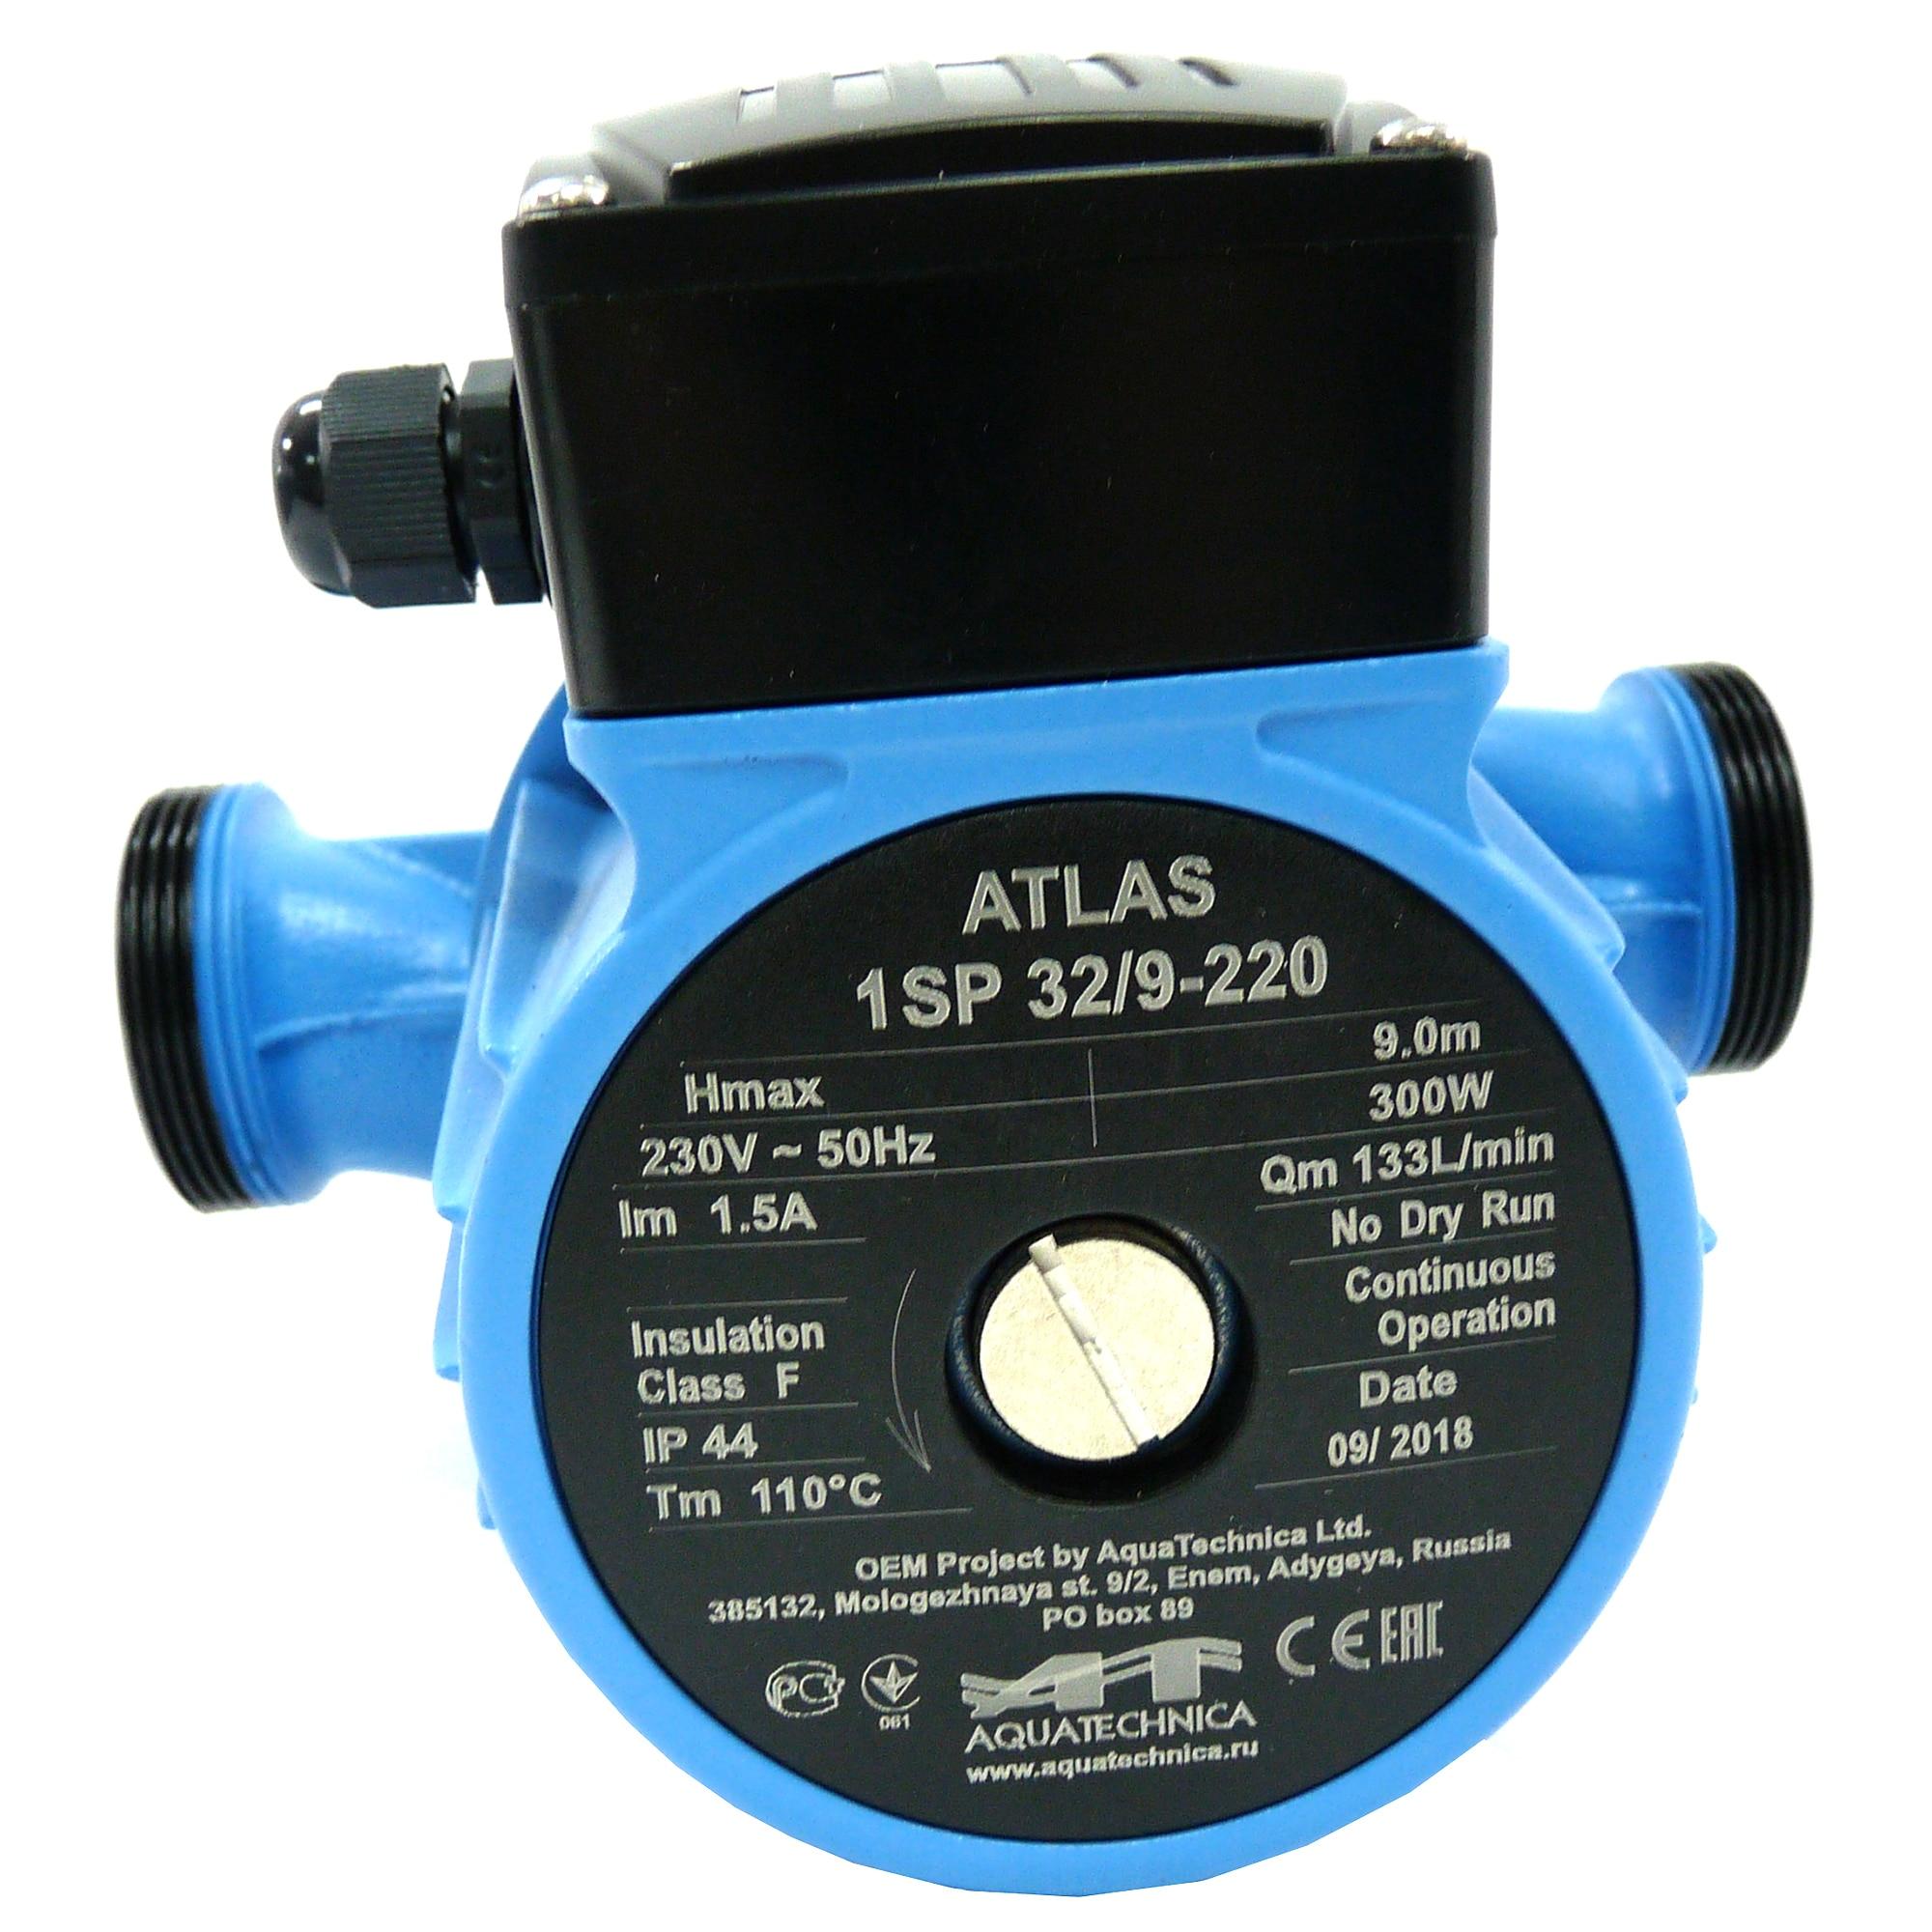 Fotografie Pompa de recirculare AQUATEHNICA ATLAS, 300 W, 3 viteze, 32/9-220 mm